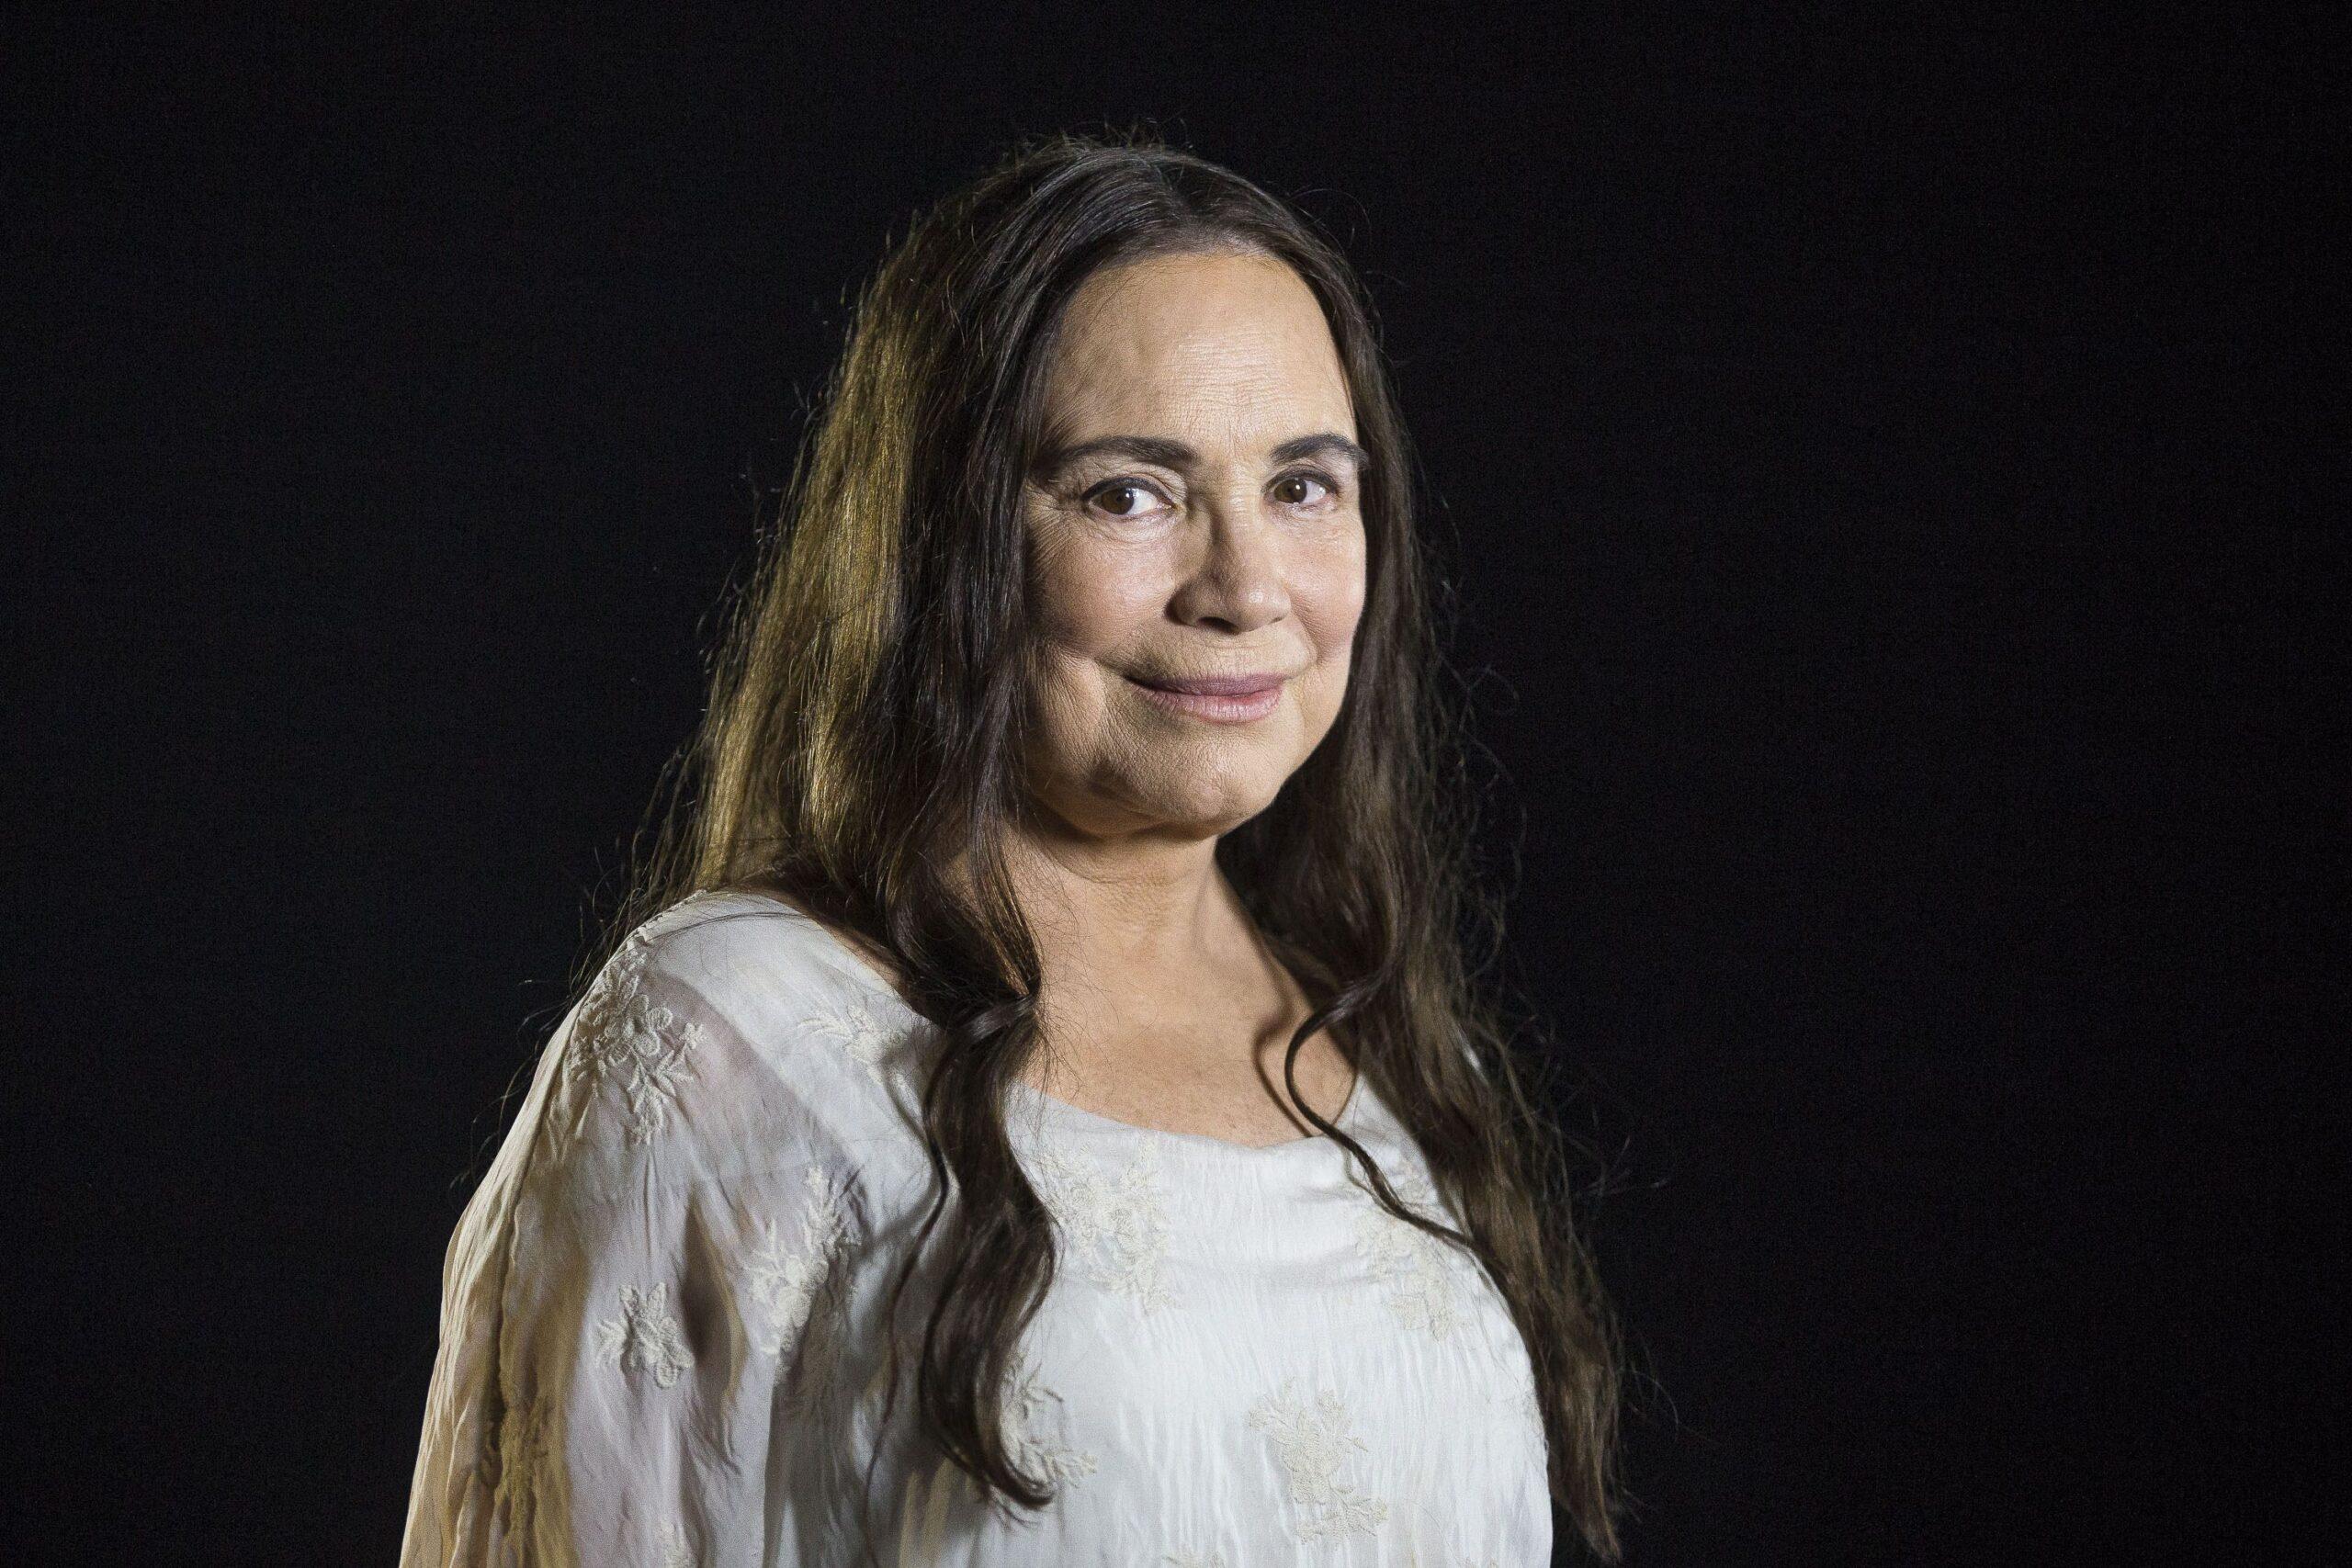 Актриса из сериала «Во имя любви» стала министром культуры